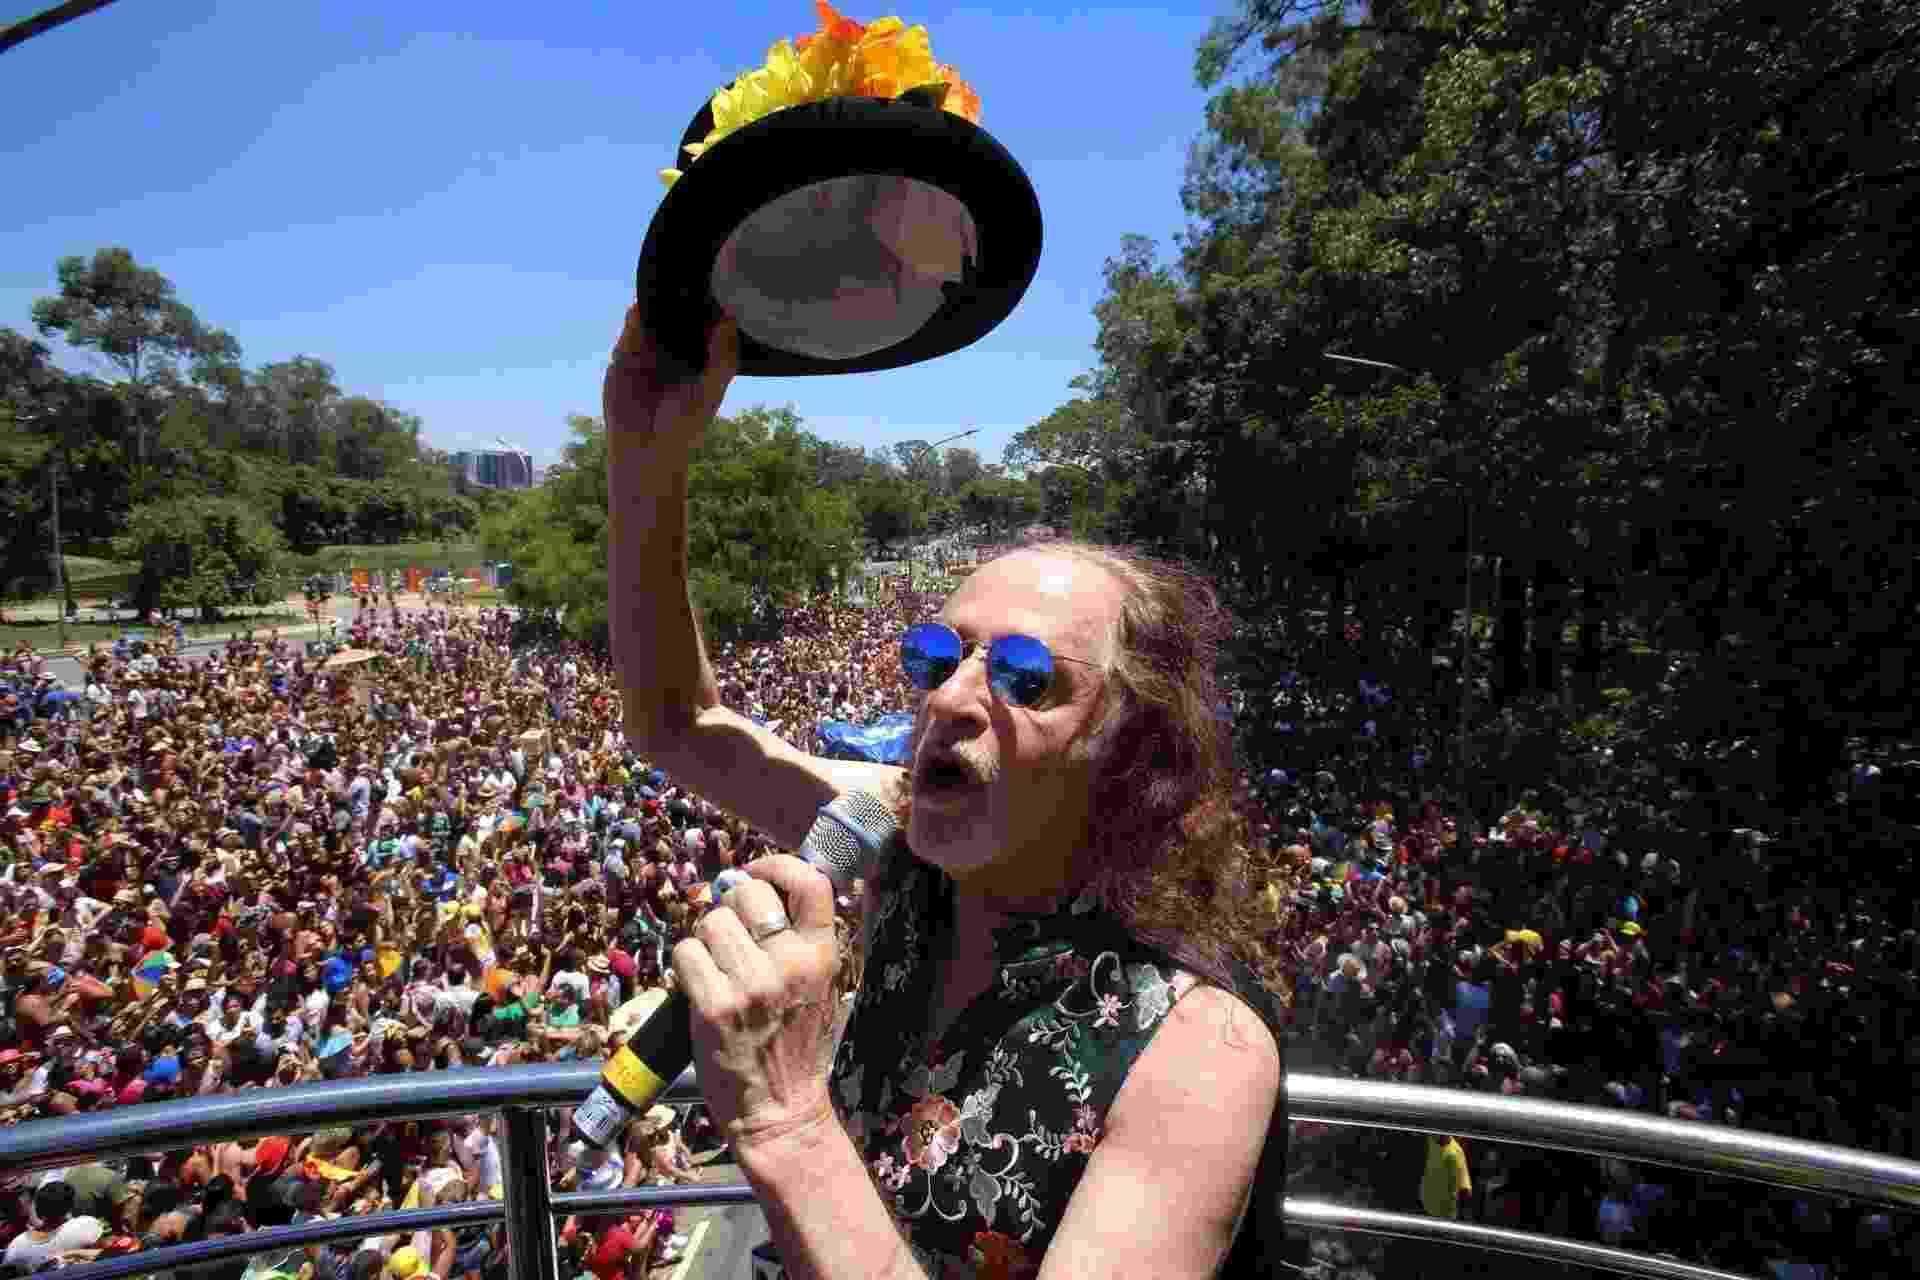 Alceu Valença aquece o público do bloco Bicho Maluco Beleza, no Ibirapuera, zona sul de São Paulo - Amanda Perobelli/Estadão Conteúdo